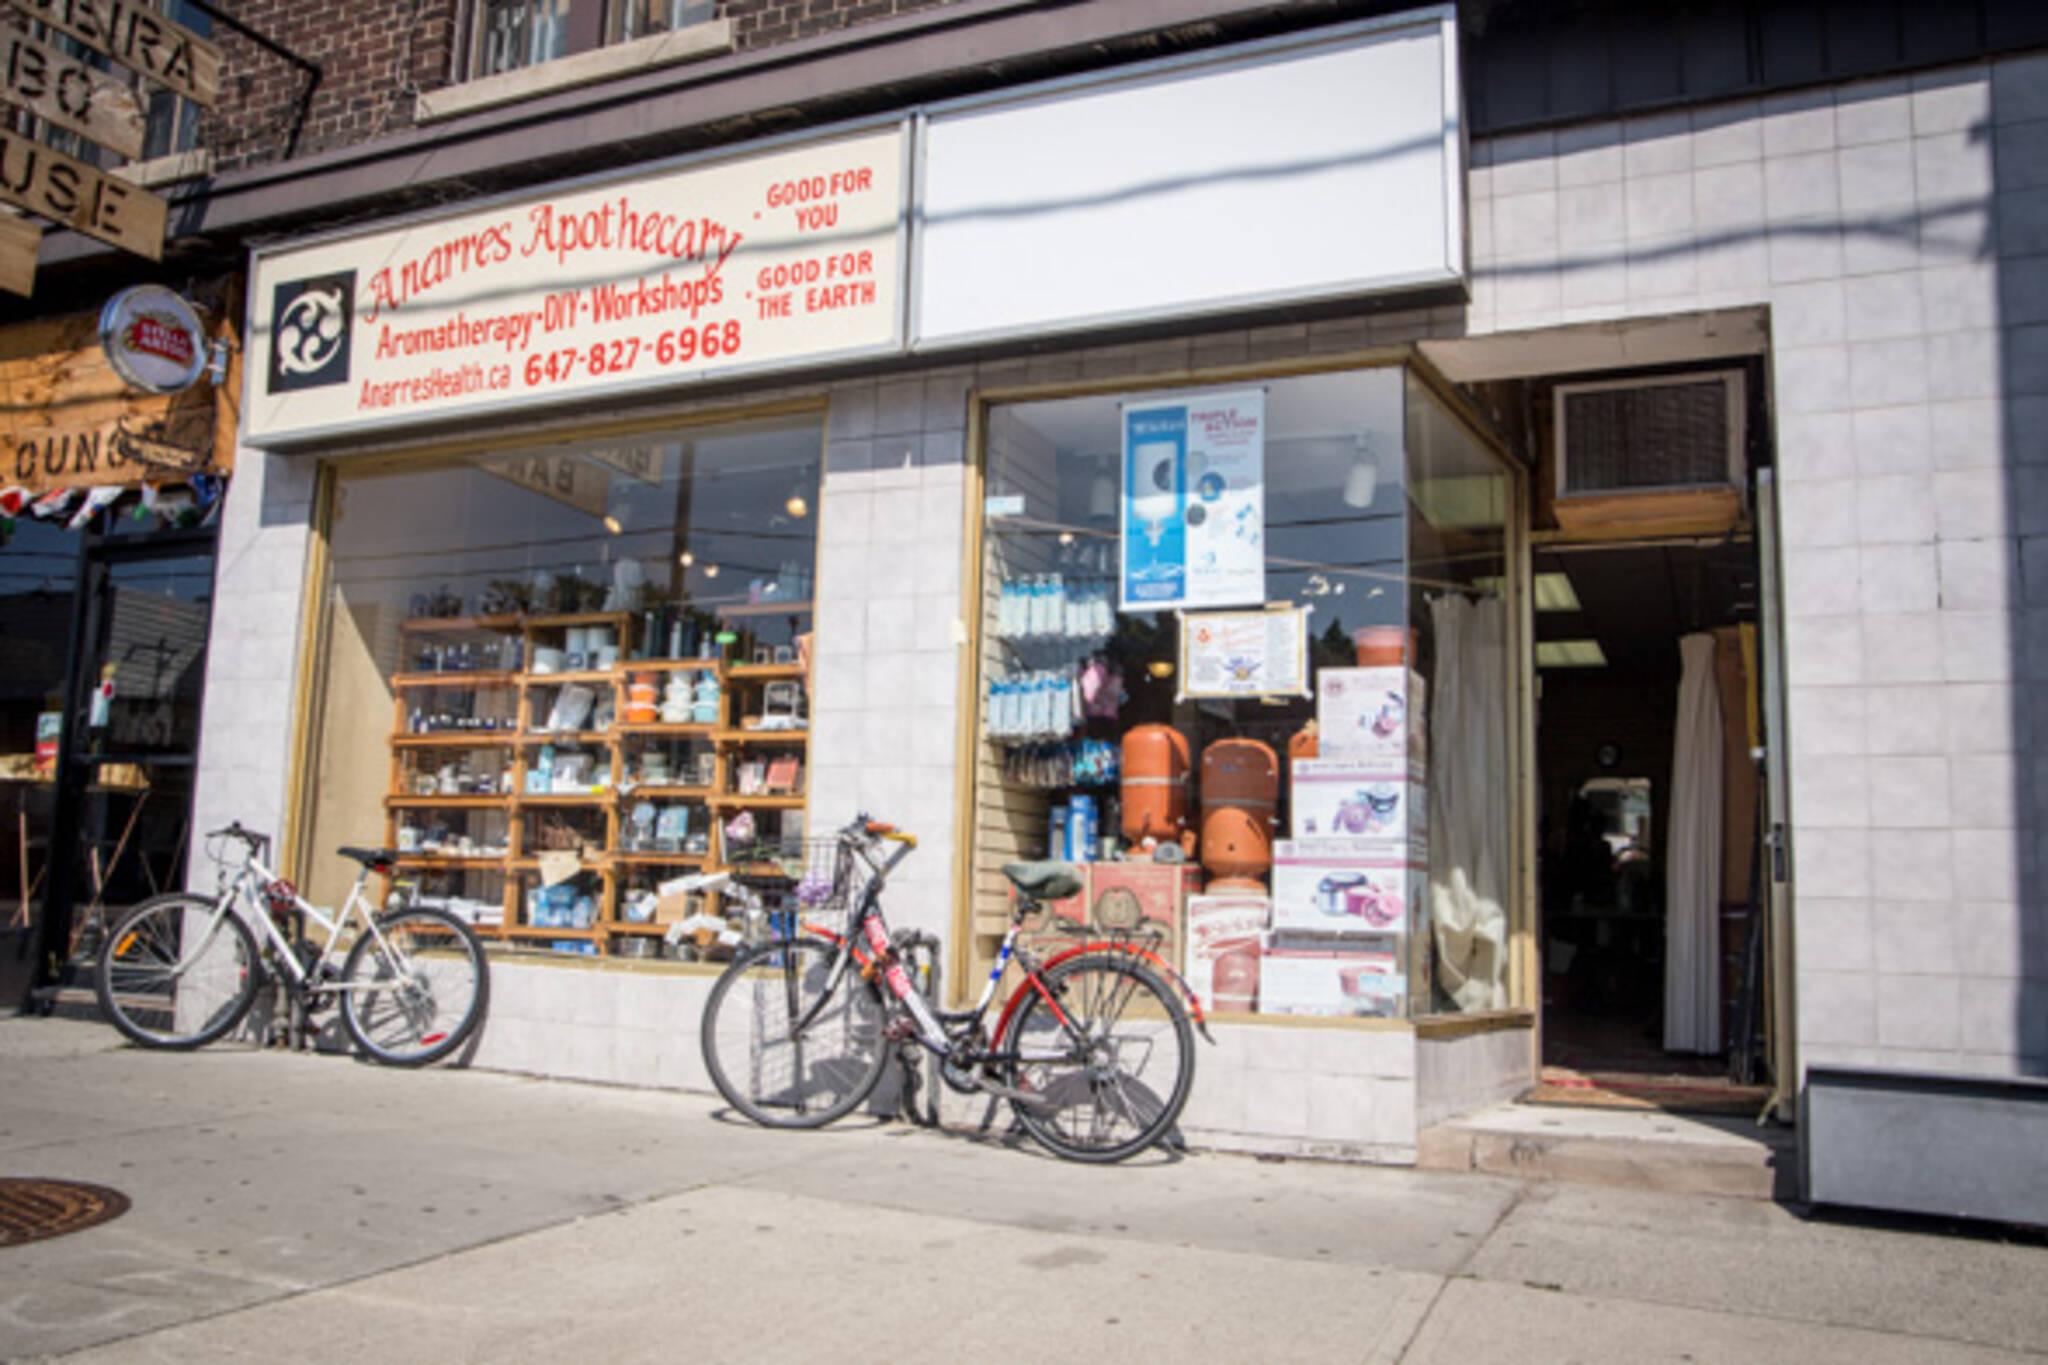 Anarres Apothecary Toronto